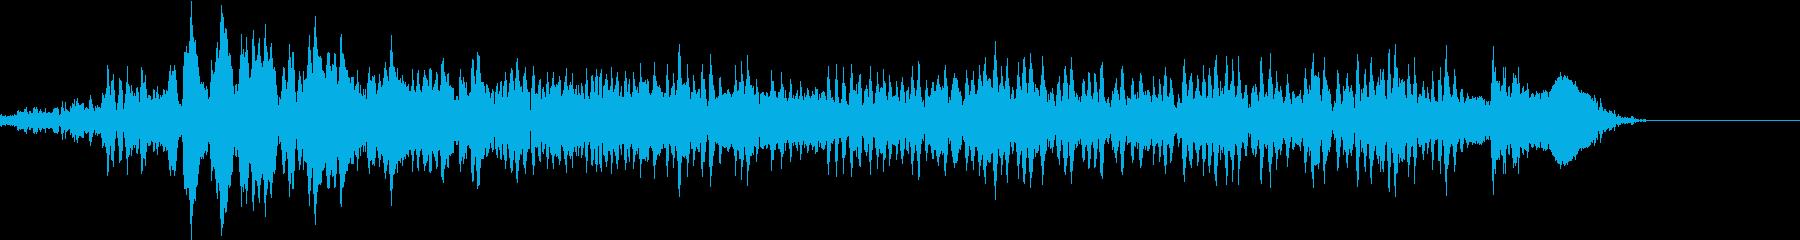 「ううううう」デスボイス(高い声)の再生済みの波形